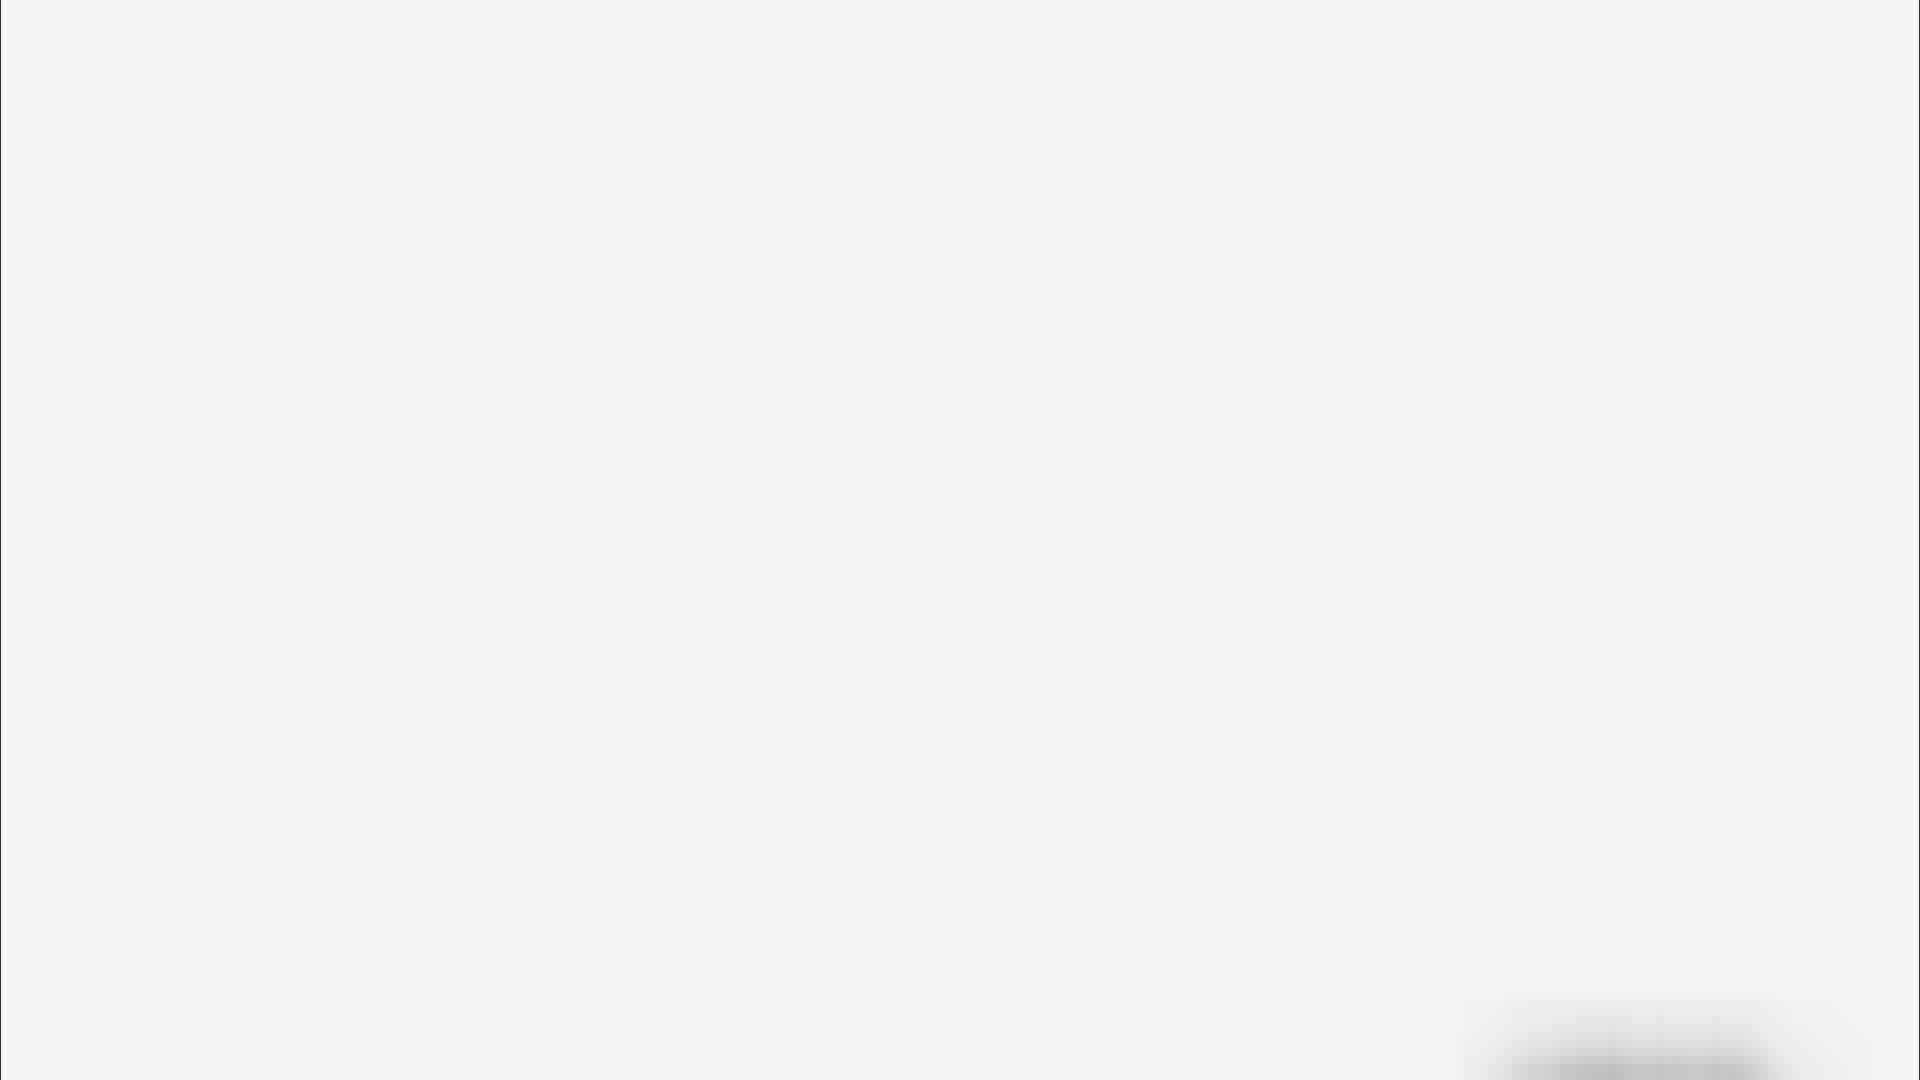 お姉さんの恥便所盗撮! Vol.15 エッチな盗撮 エロ無料画像 112pic 75